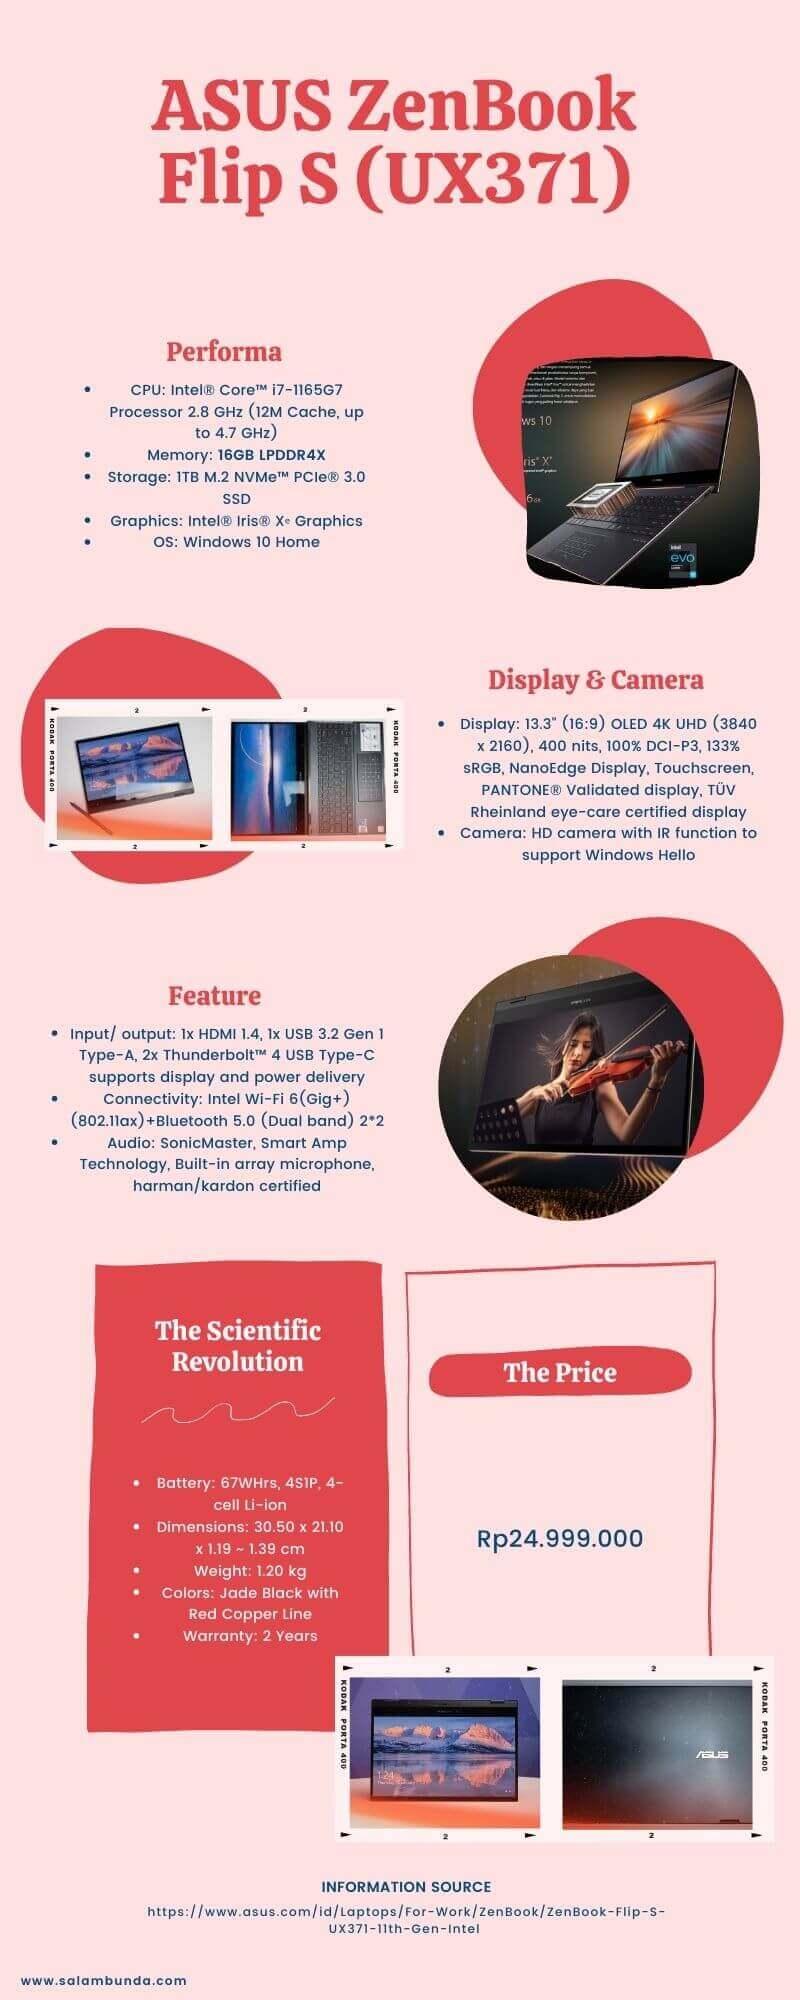 spesifikasi ASUS ZenBook Flip S (UX371)